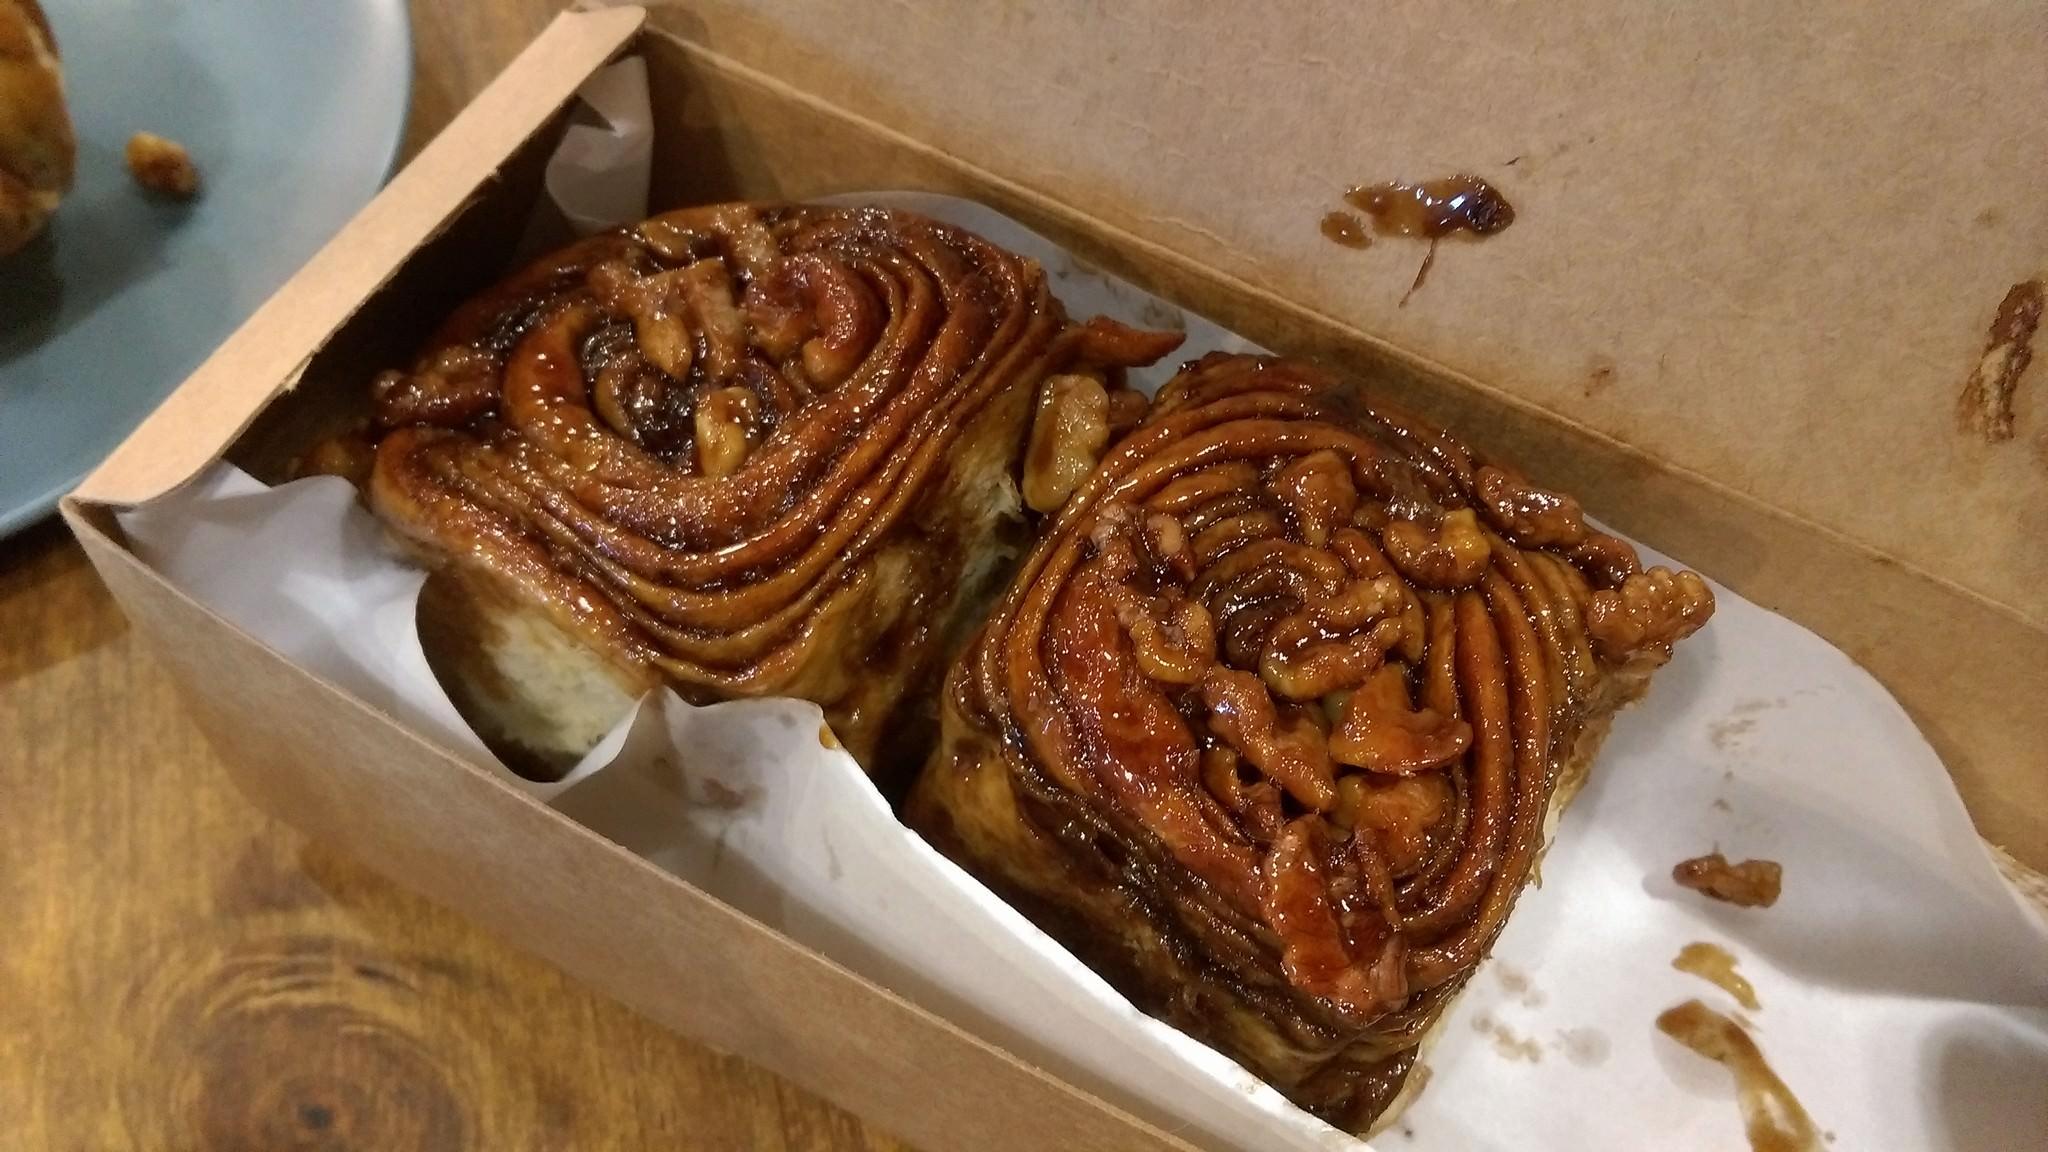 台北。Fly's Kitchen 蒼蠅廚房 Beautiful Cinnamon Roll Too Good For This World